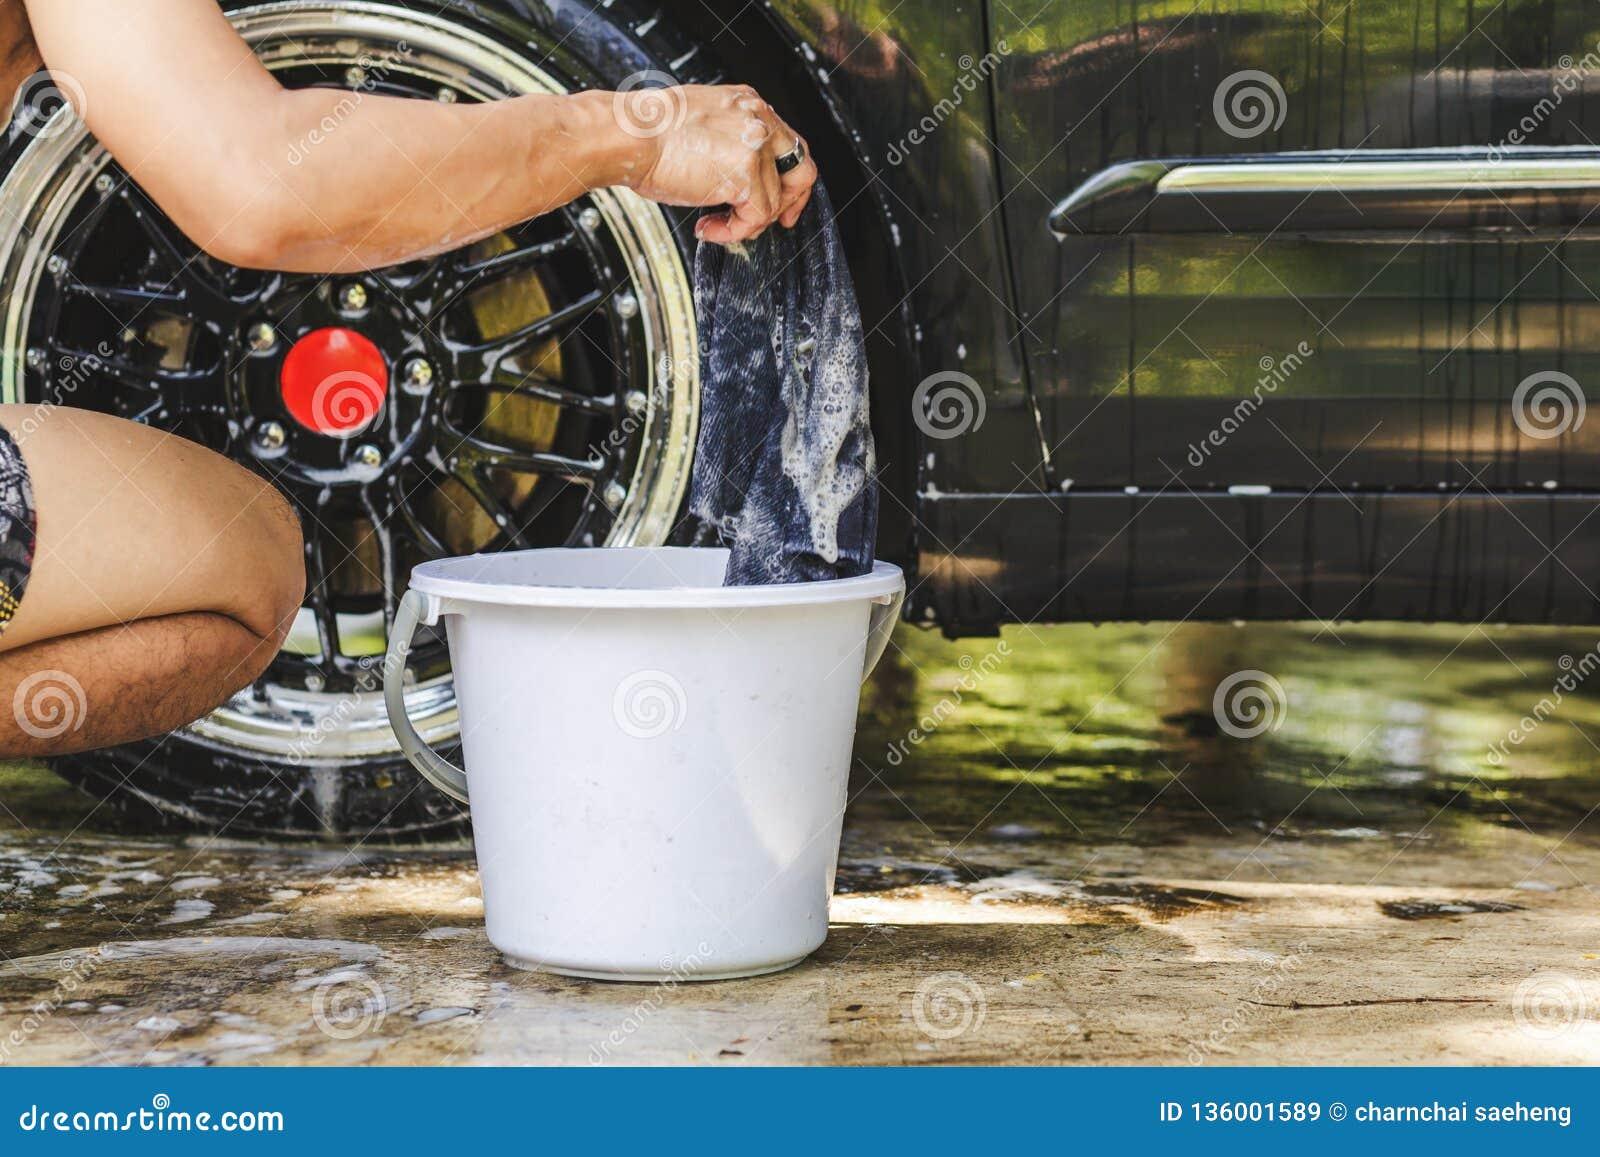 Męskie ręki z piankową tkaniną myje samochodowego koła Czyści koła Używają wodę